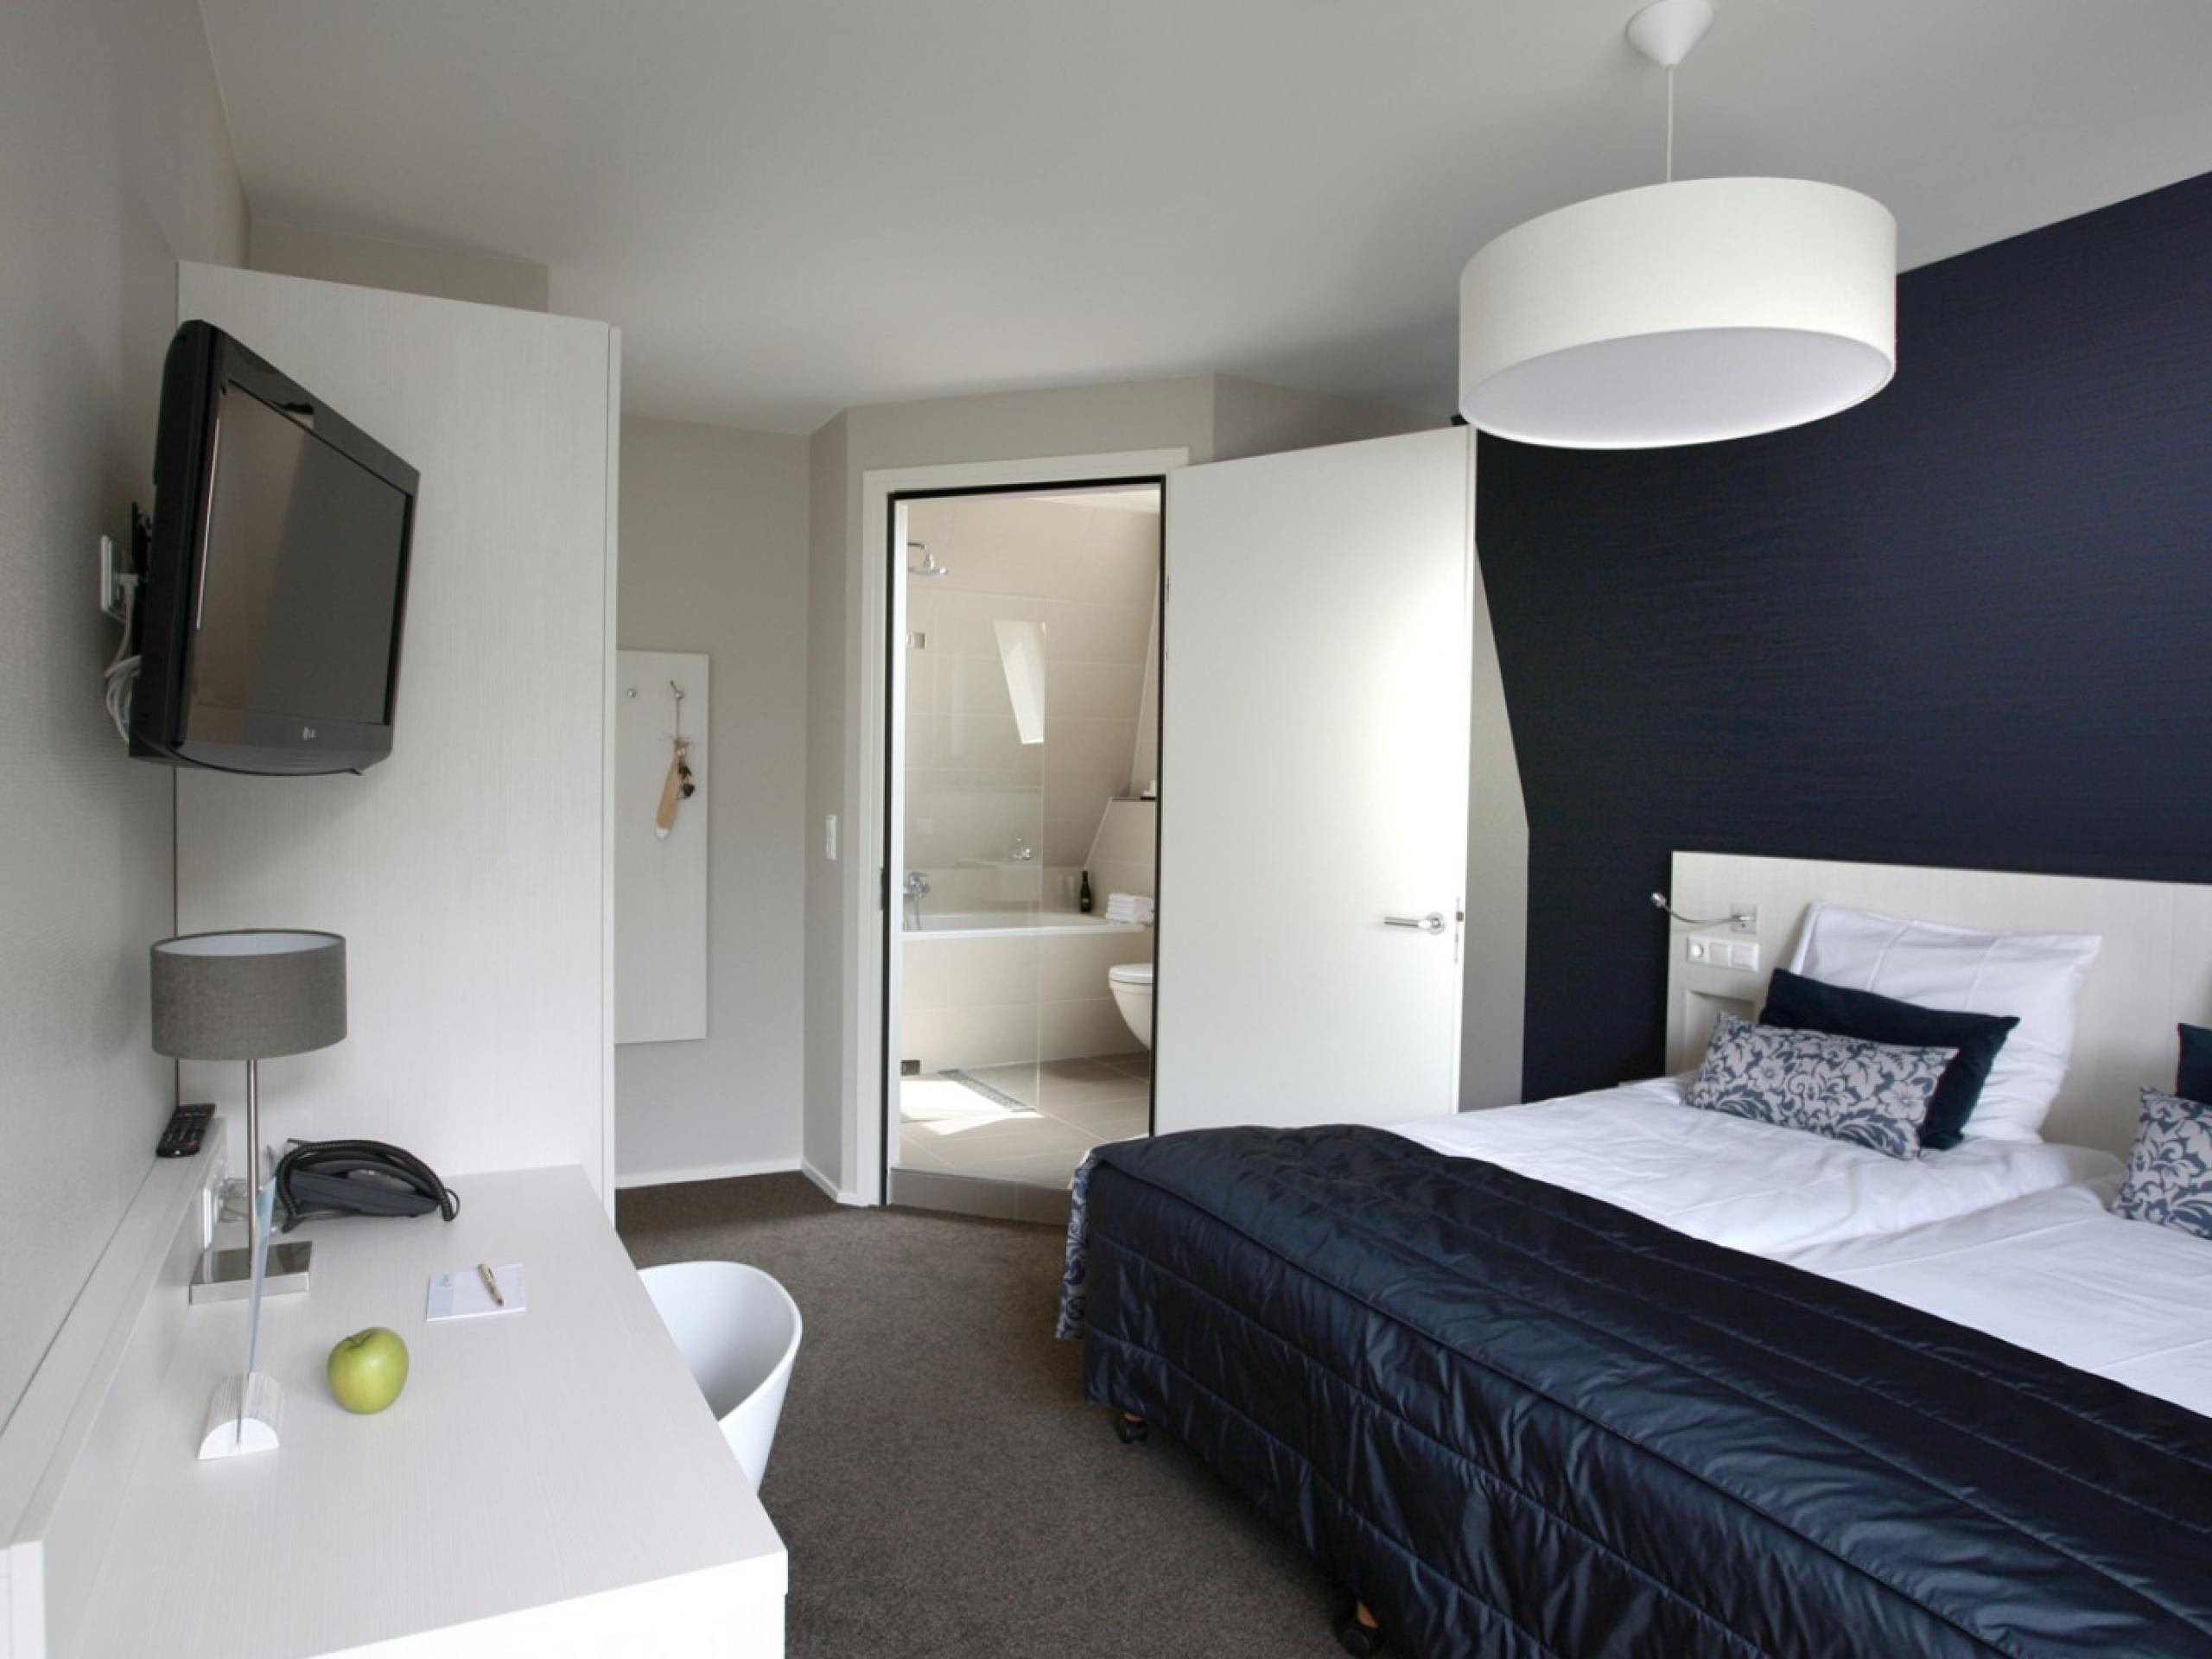 Hotel in De Koog mit luxuriöser behaglicher Einrichtung